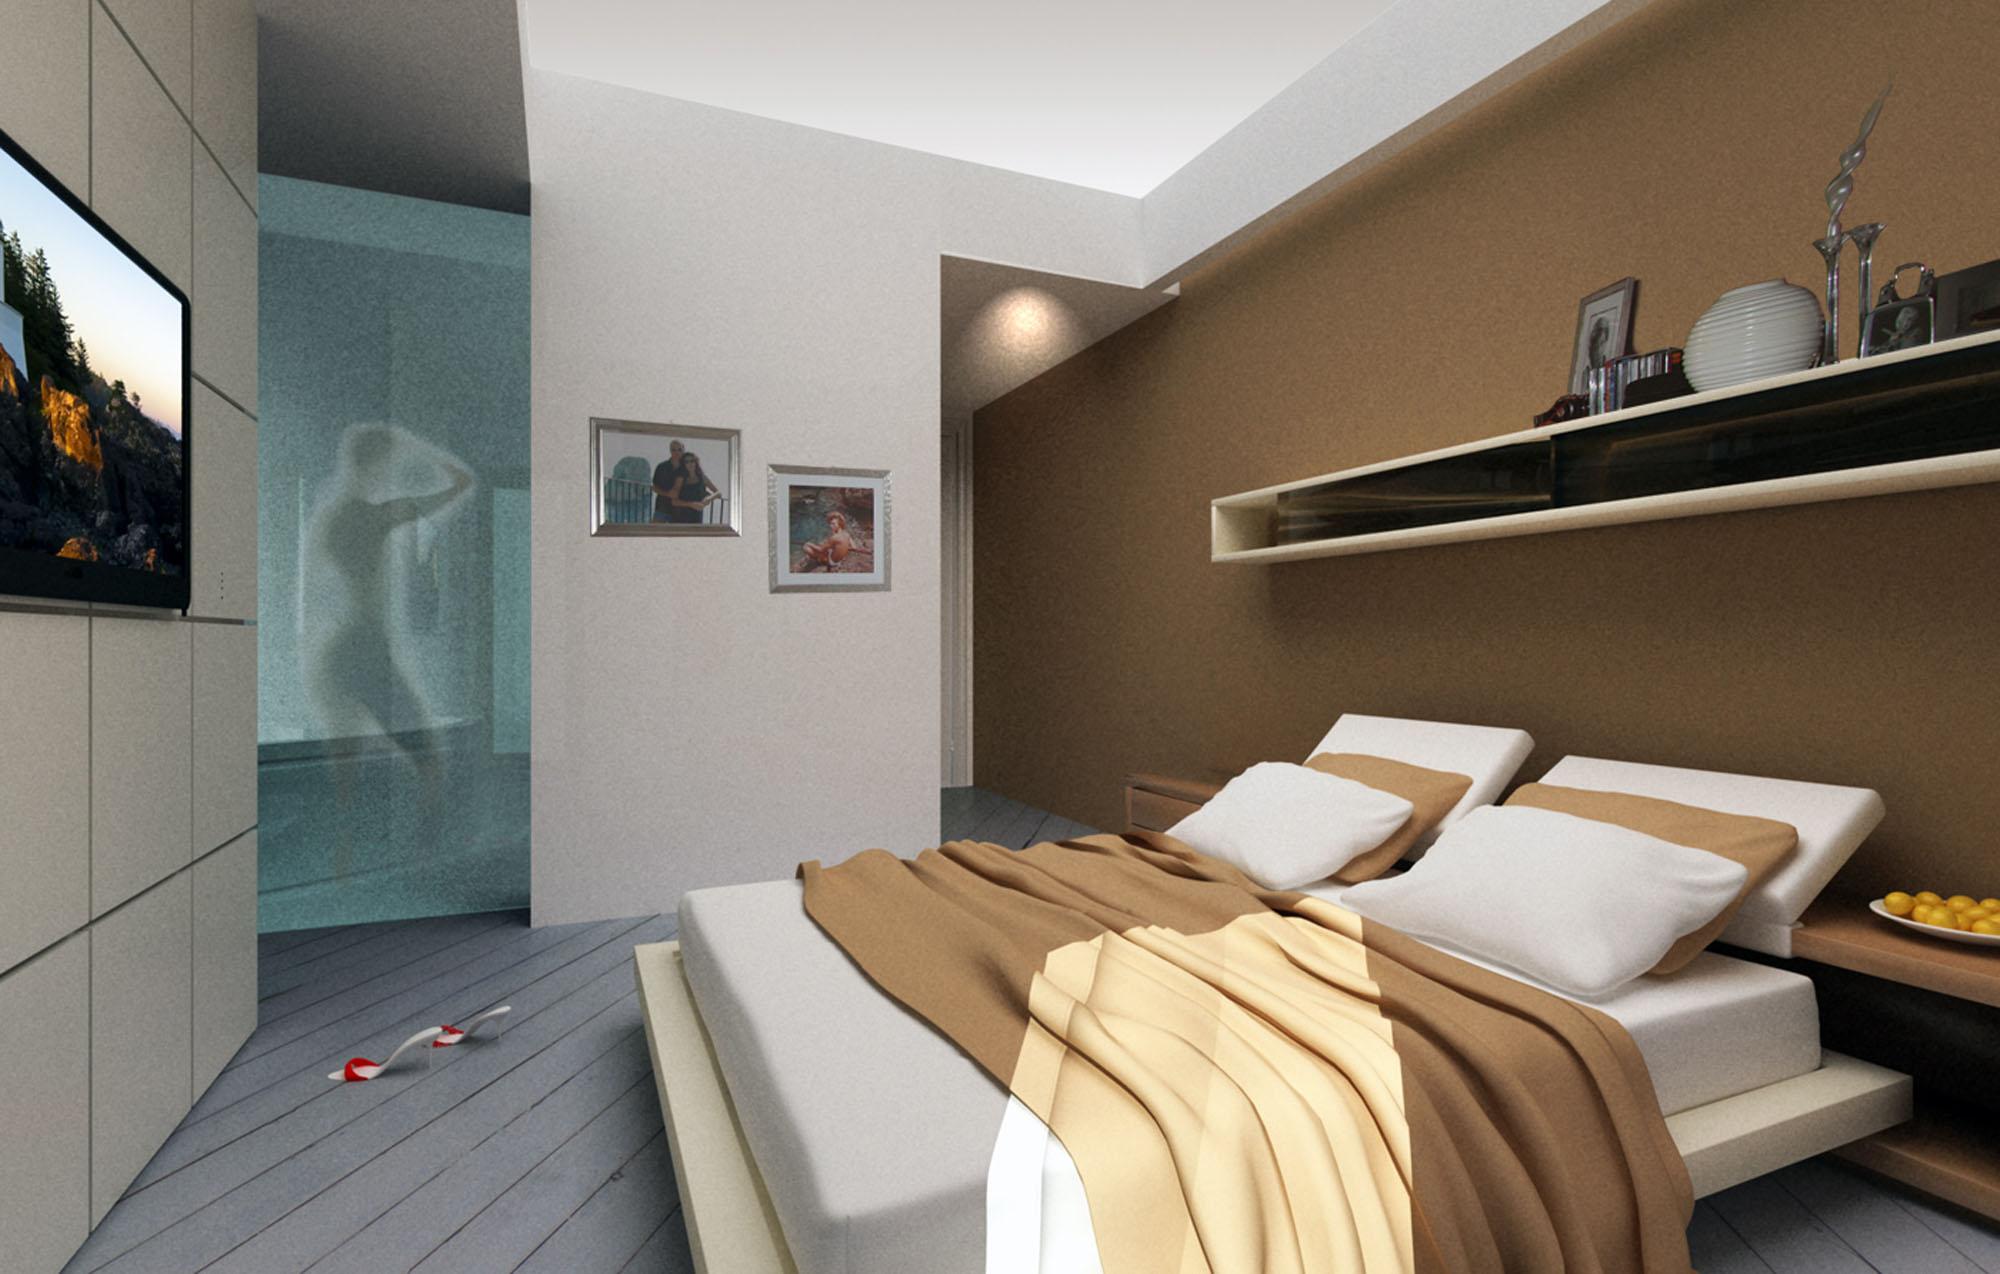 Settembre 2013 franco bernardini architetto for Camera da letto vittoriana buia